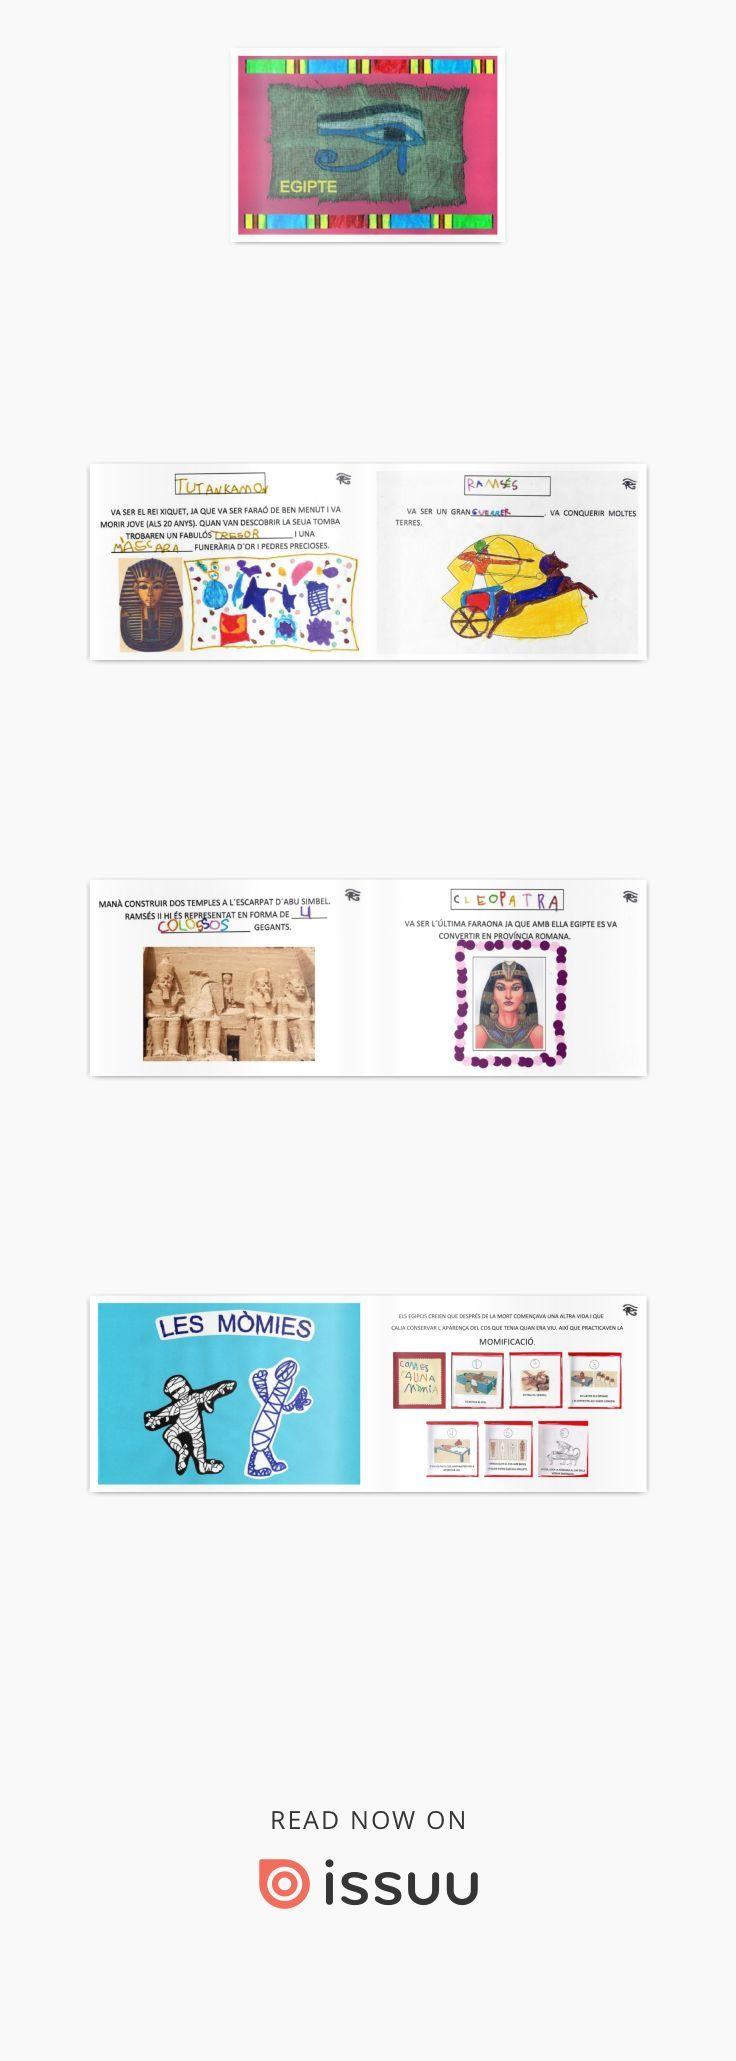 EGIPTE  Projecte de treball realitzat el curs 2010/11 amb un grup d´educació infantil (4 anys) del CEIP Sant Joan de Ribera de Burjassot (València).